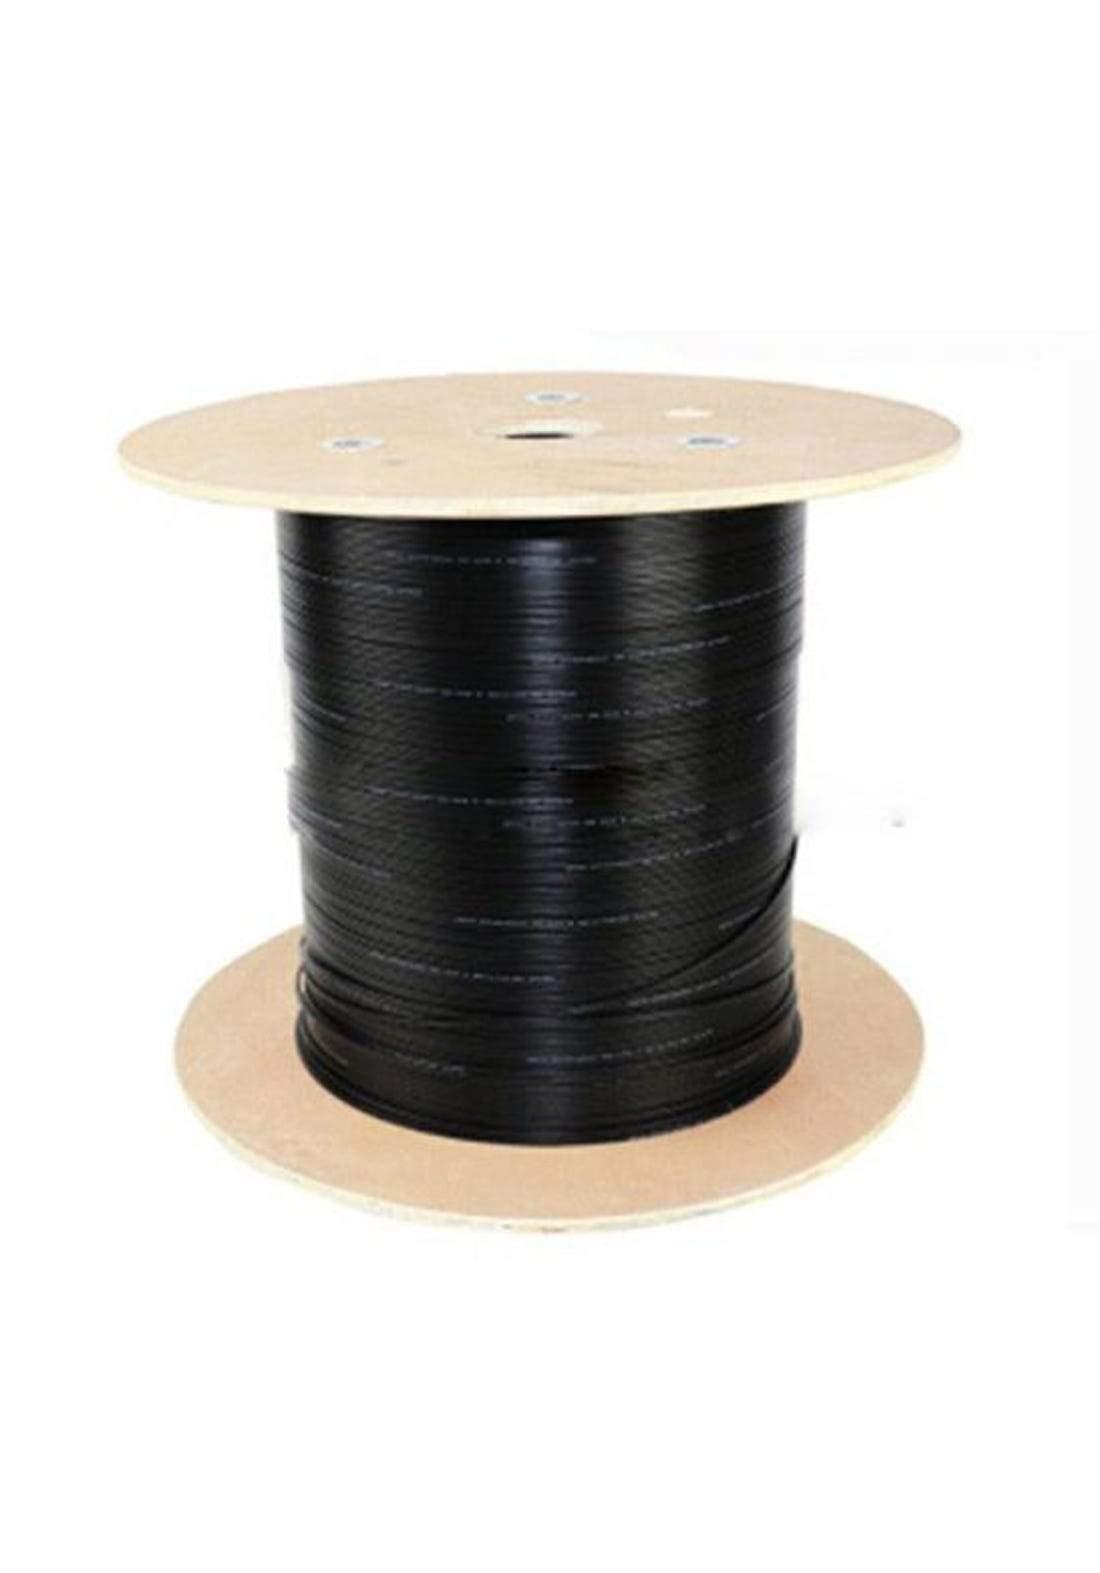 STS GYXTW-4B1 4 Core Fiber Optic Cable - Black كابل ضوئي